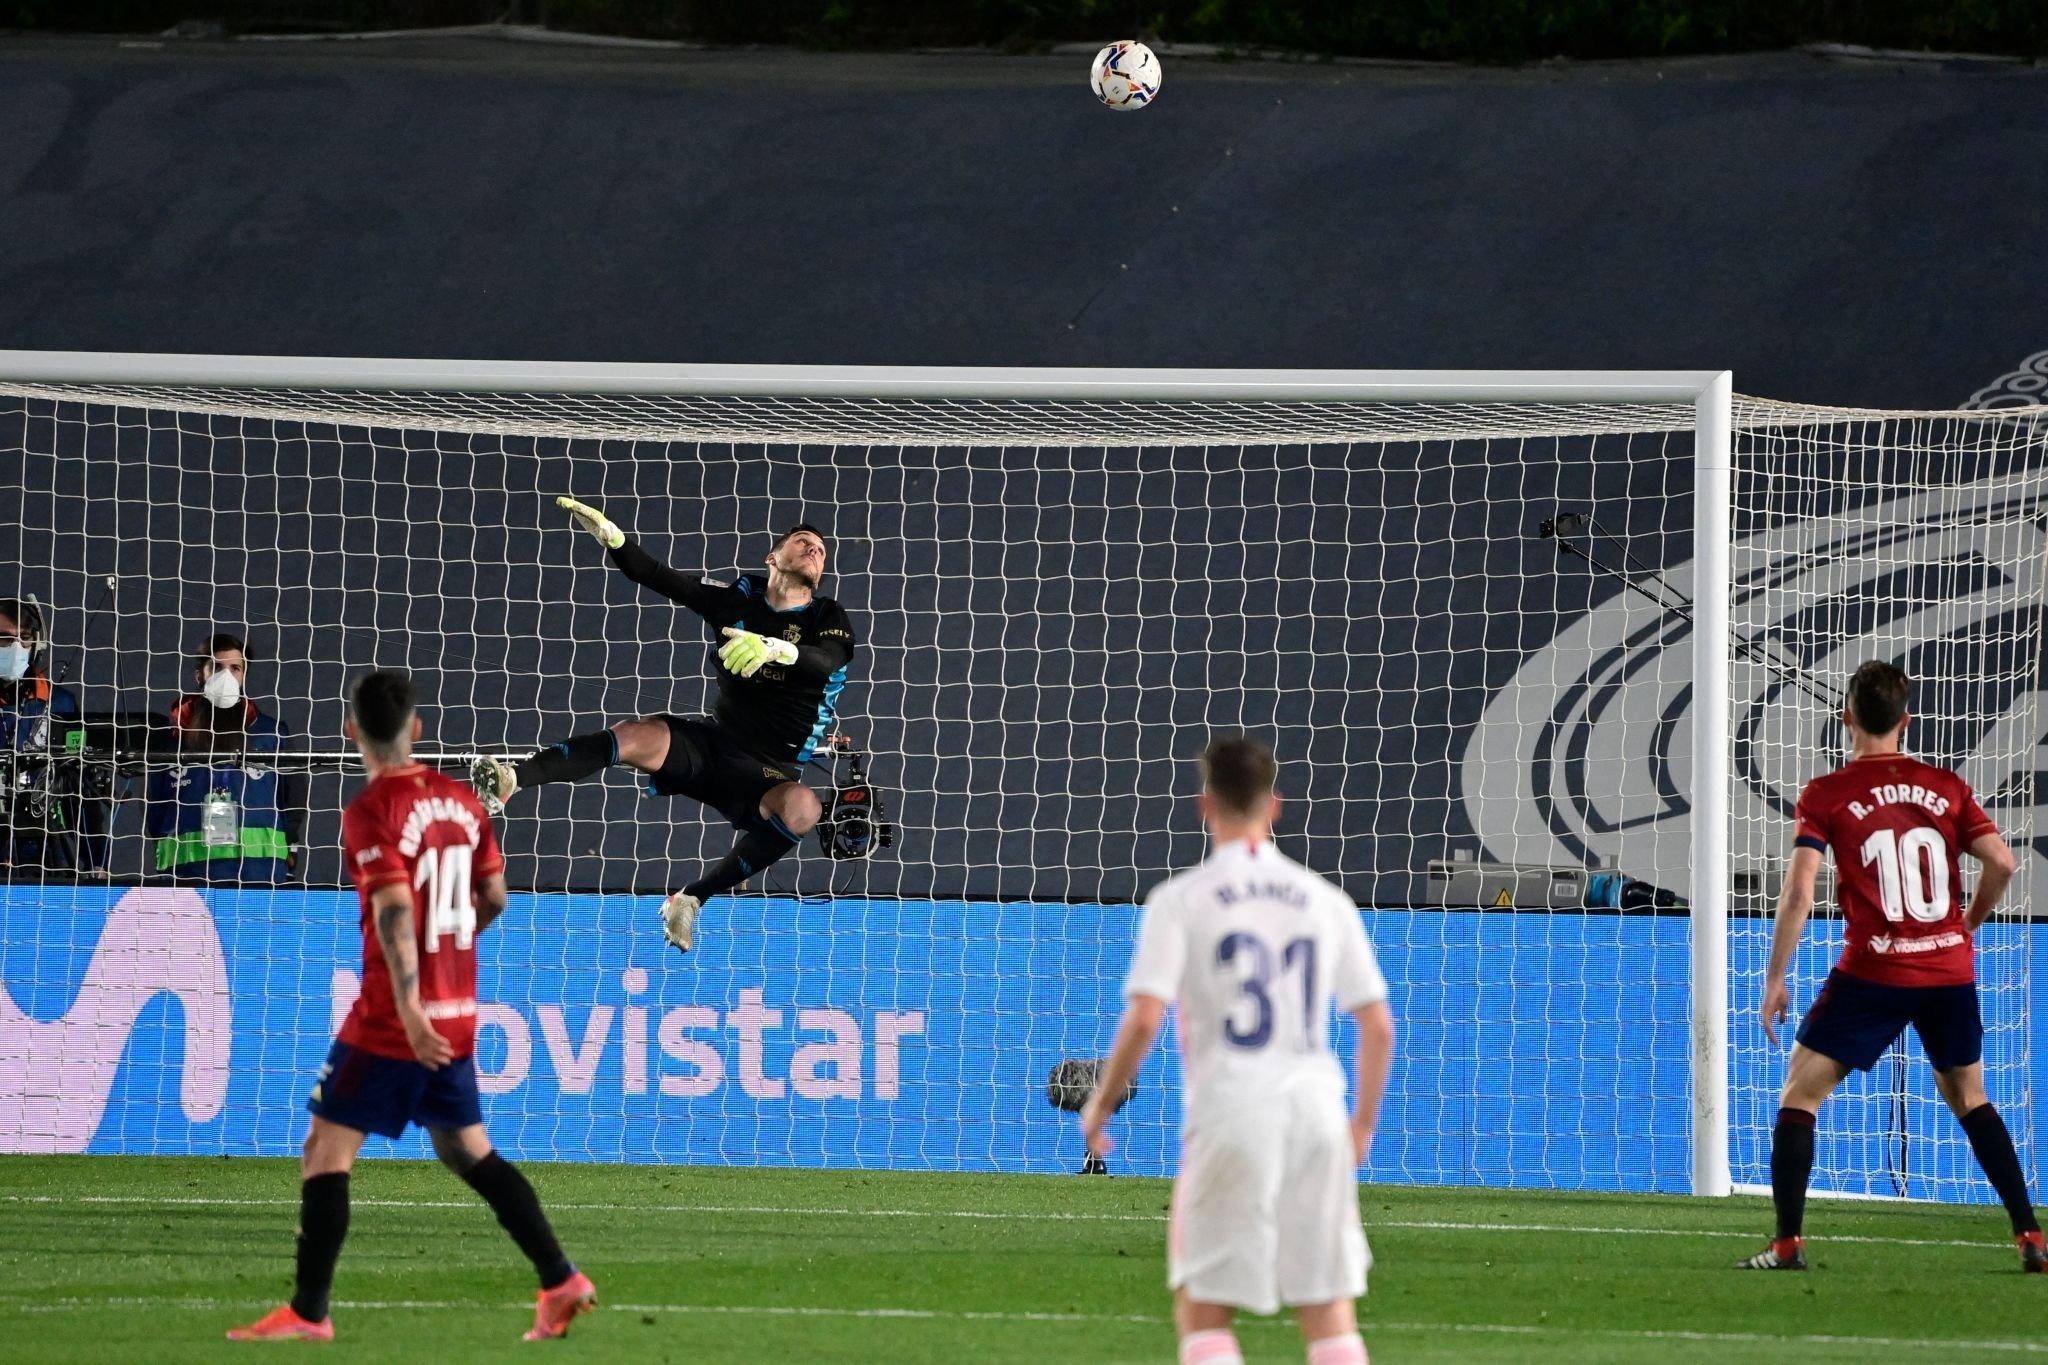 حارس أوساسونا ينقذ إحدى فرص ريال مدريد